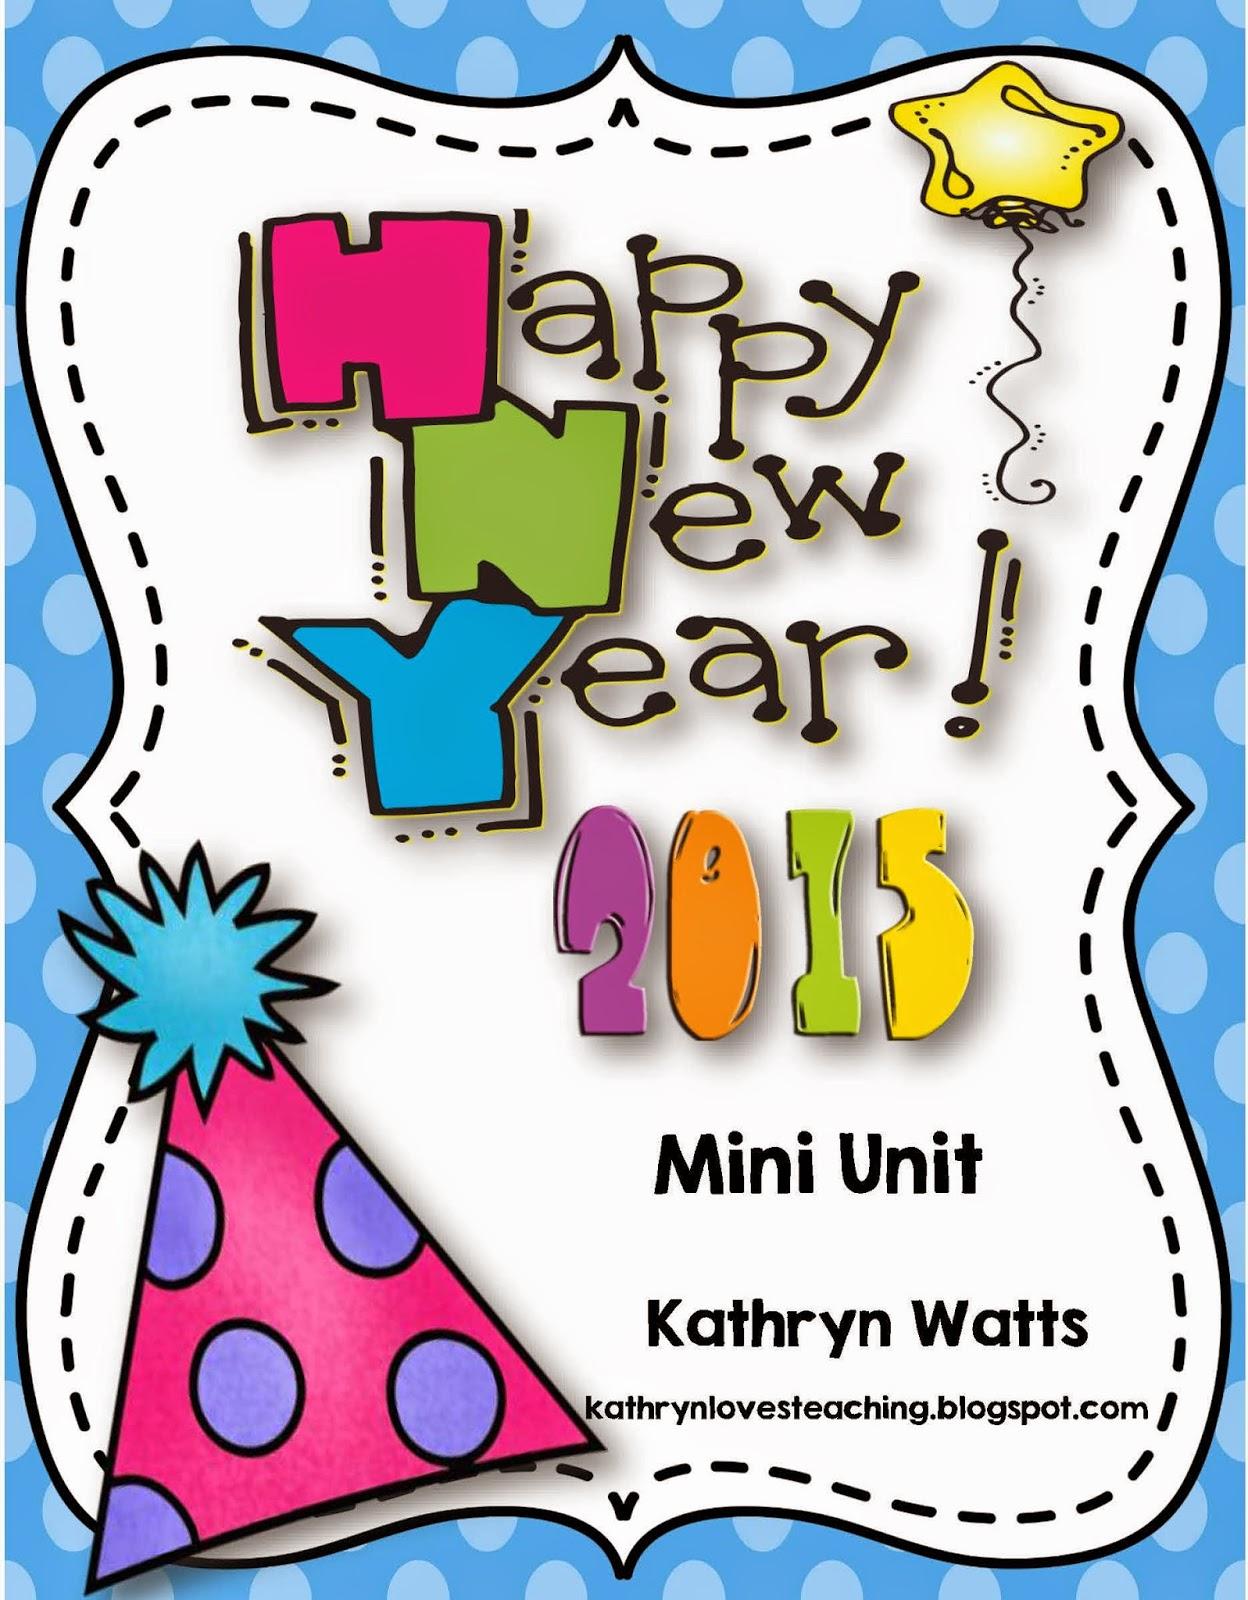 http://www.teacherspayteachers.com/Product/New-Year-2015-Mini-Unit-469493